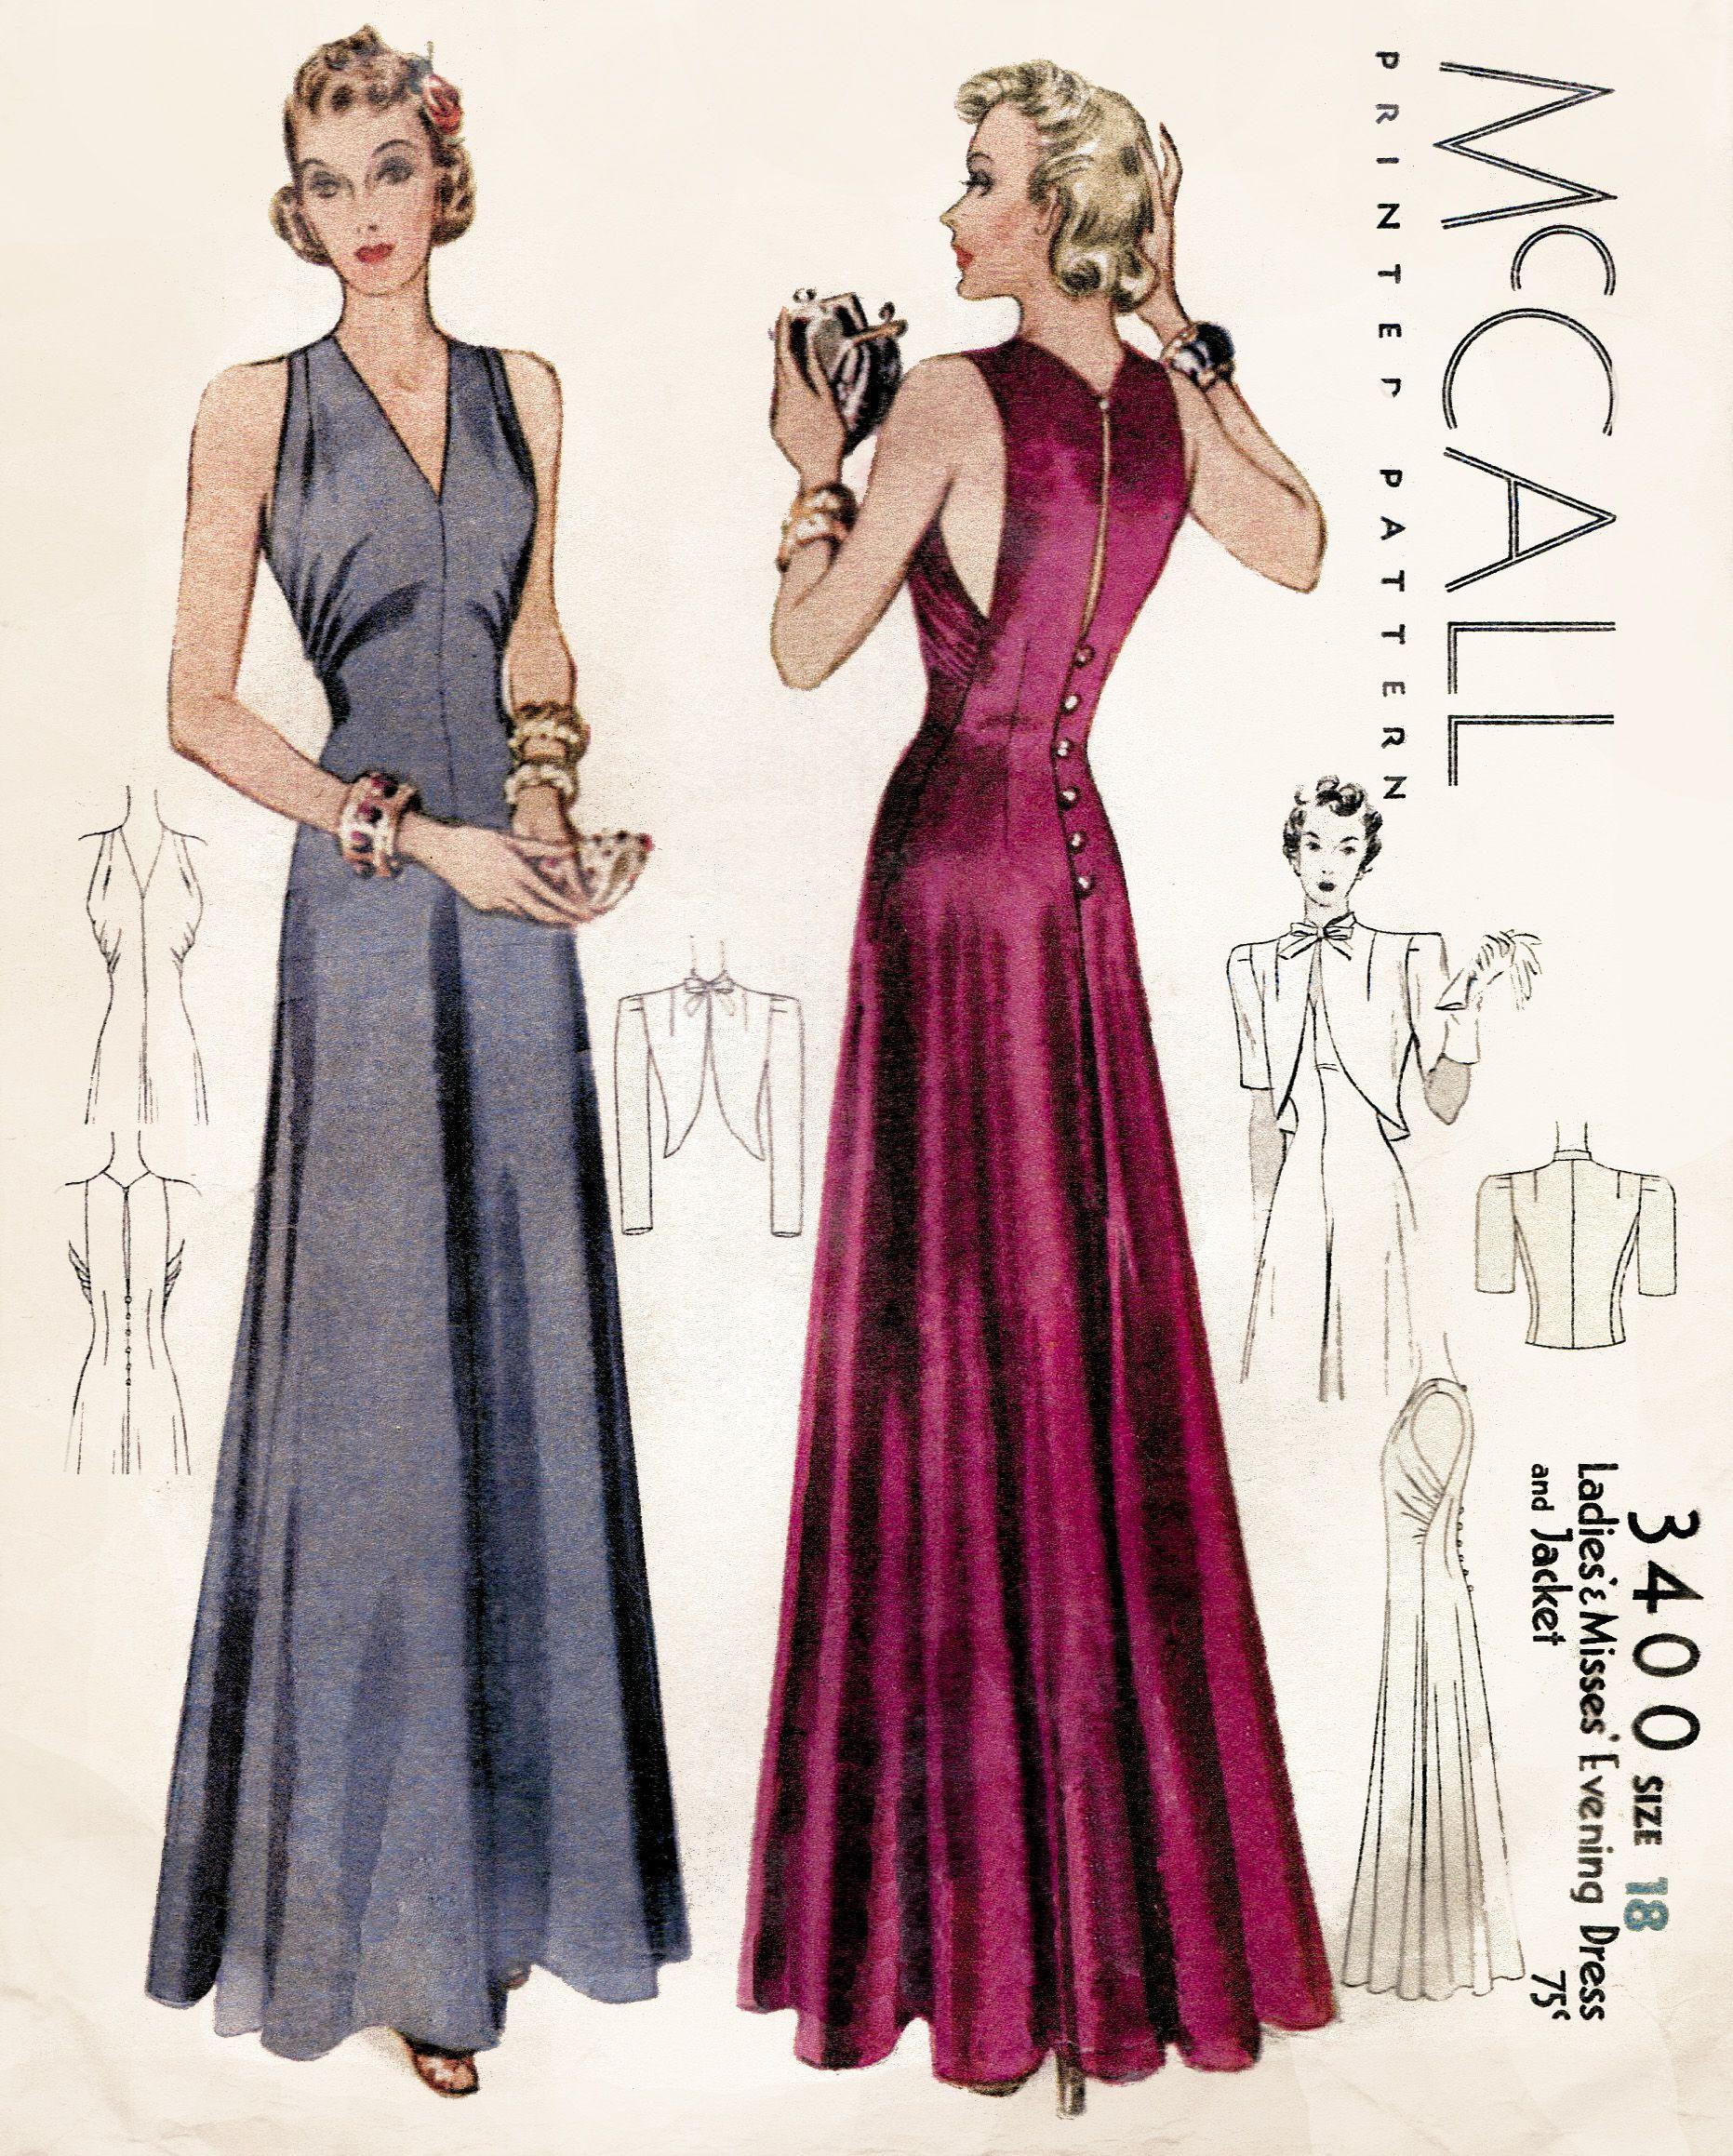 Designer Schön Abend Kleid Englisch Galerie Erstaunlich Abend Kleid Englisch Spezialgebiet